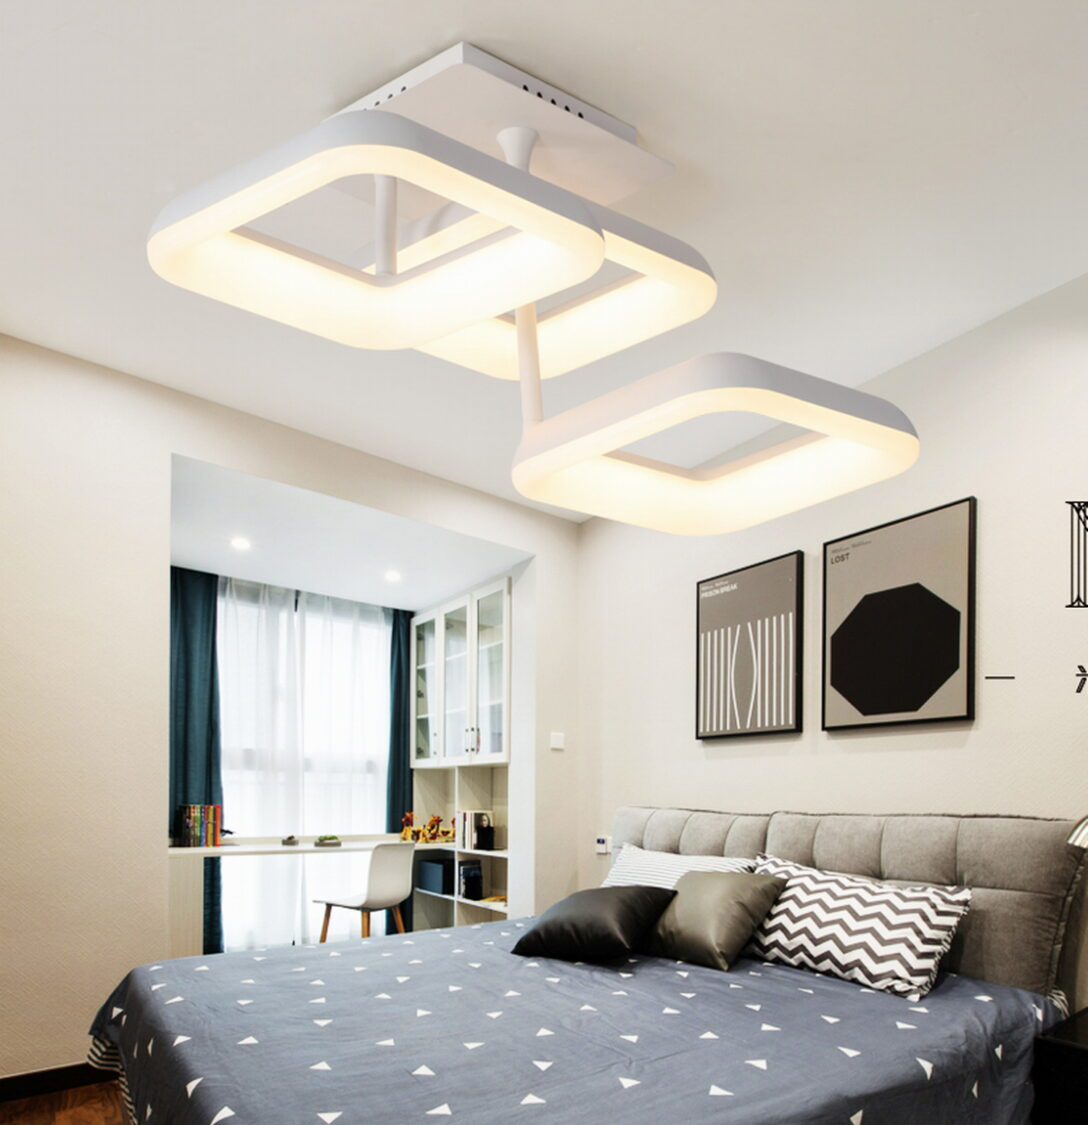 Large Size of Deckenleuchten Design Woward 36w Led Deckenlampe Wow 7103 Bad Bett Modern Esstische Schlafzimmer Küche Designer Lampen Esstisch Wohnzimmer Badezimmer Regale Wohnzimmer Deckenleuchten Design